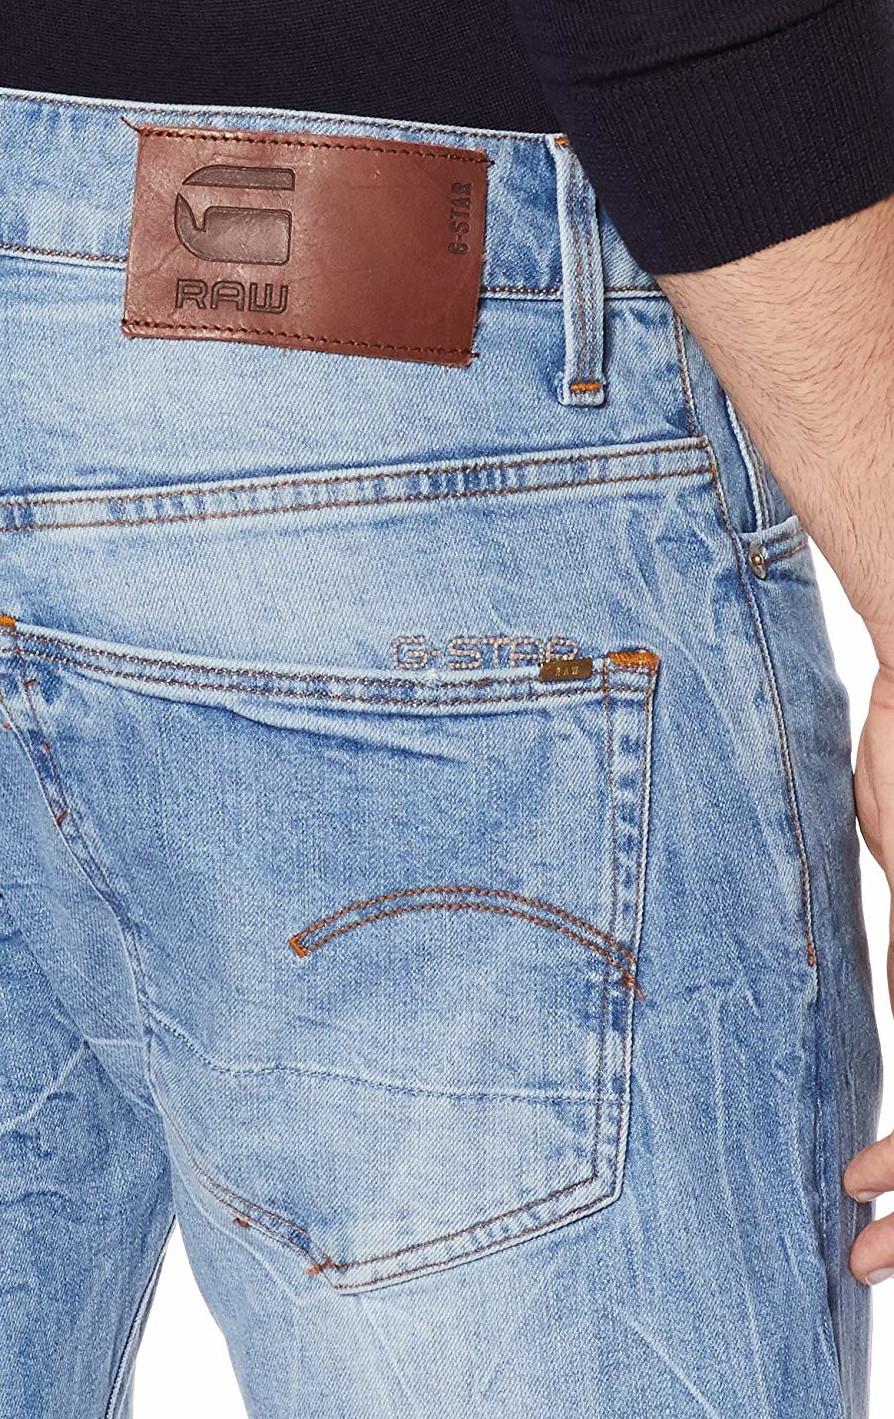 f8f5f82046c9 G-STAR RAW 3301 Straight Jeans Medium Aged